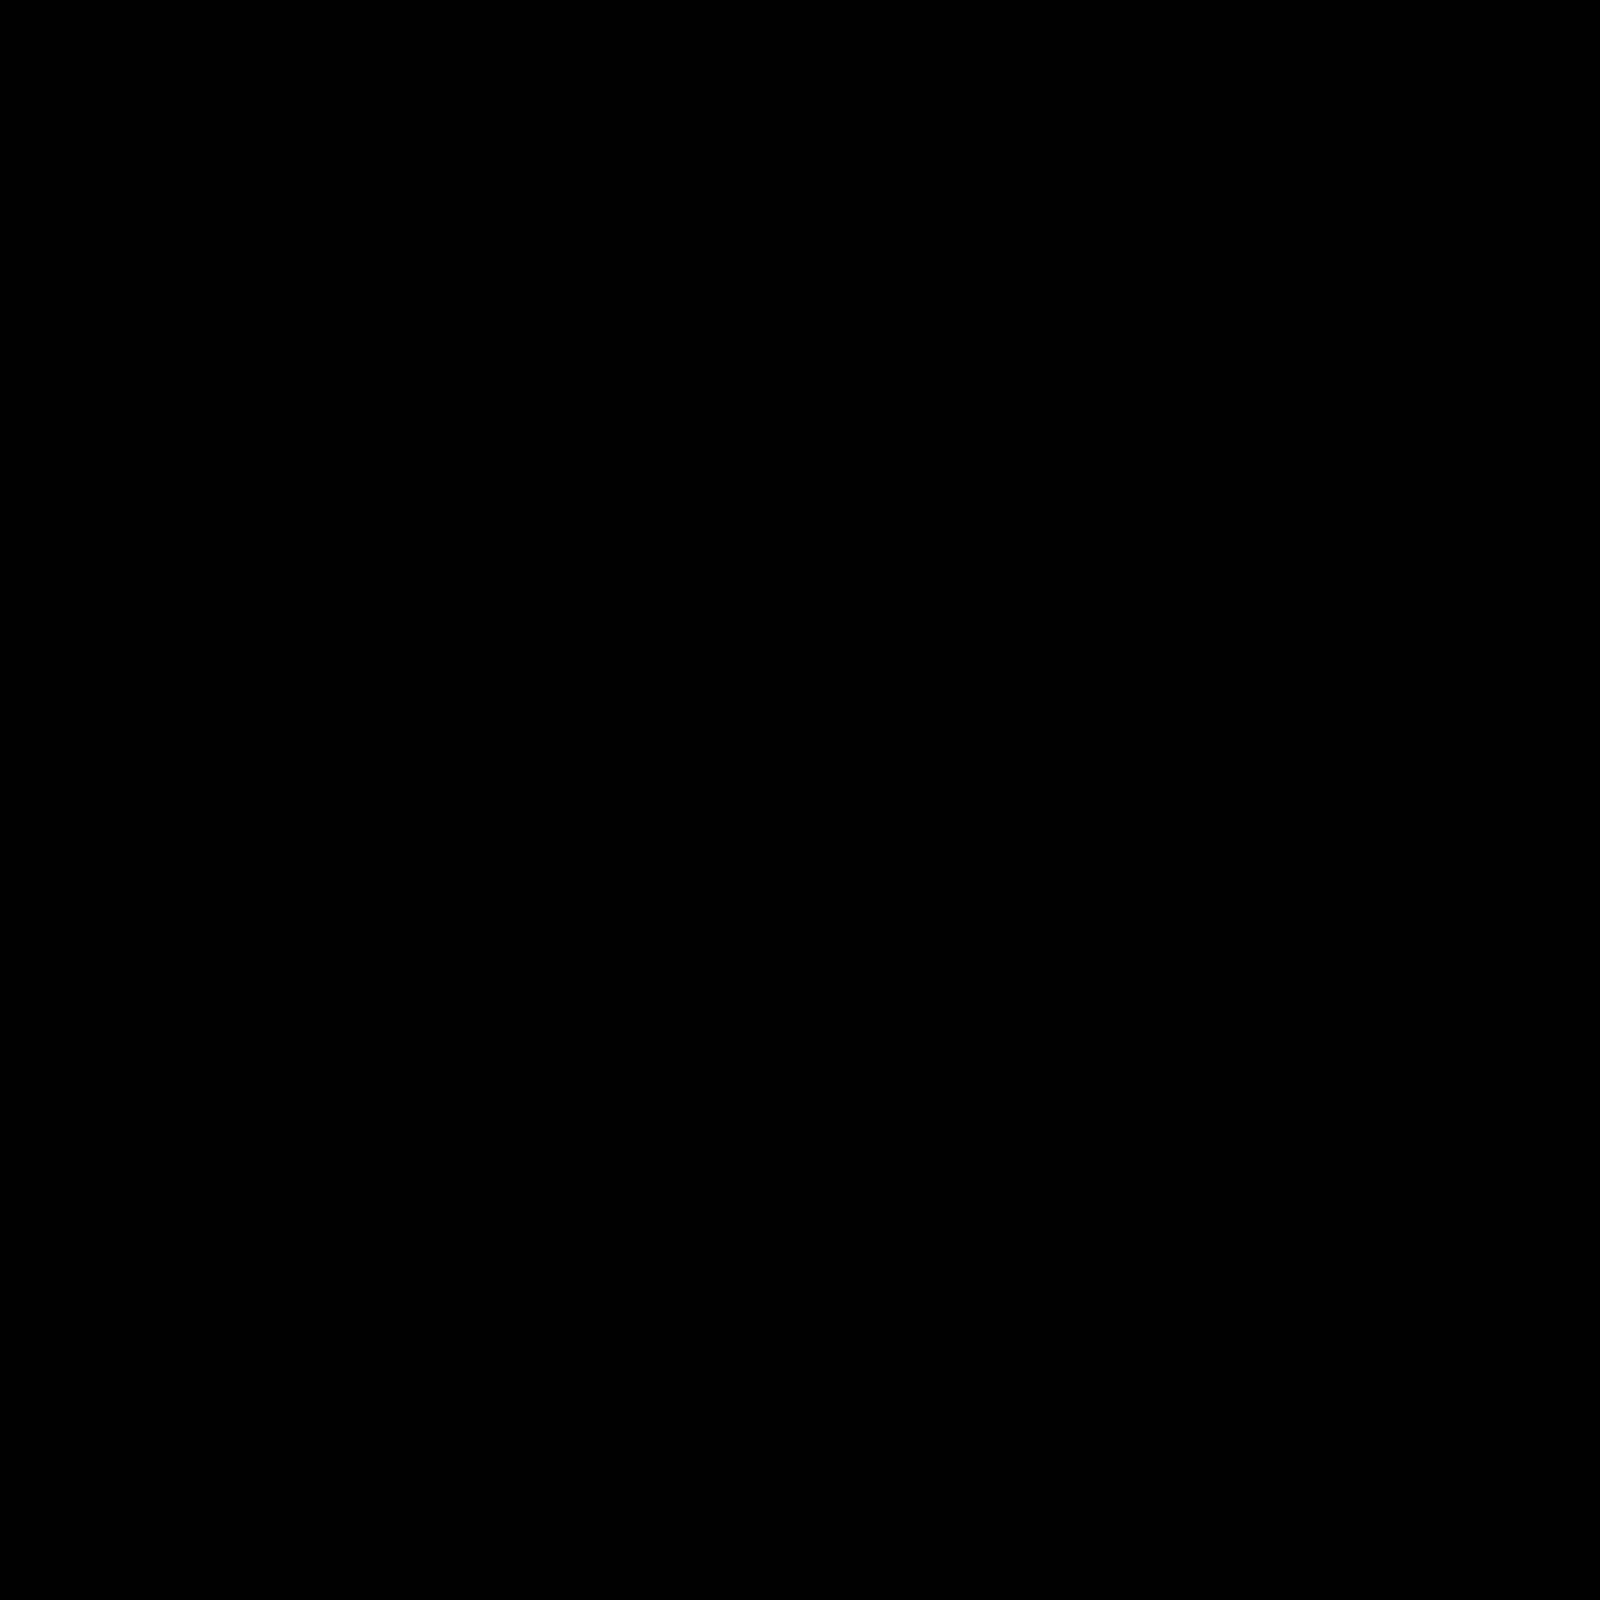 奖 icon